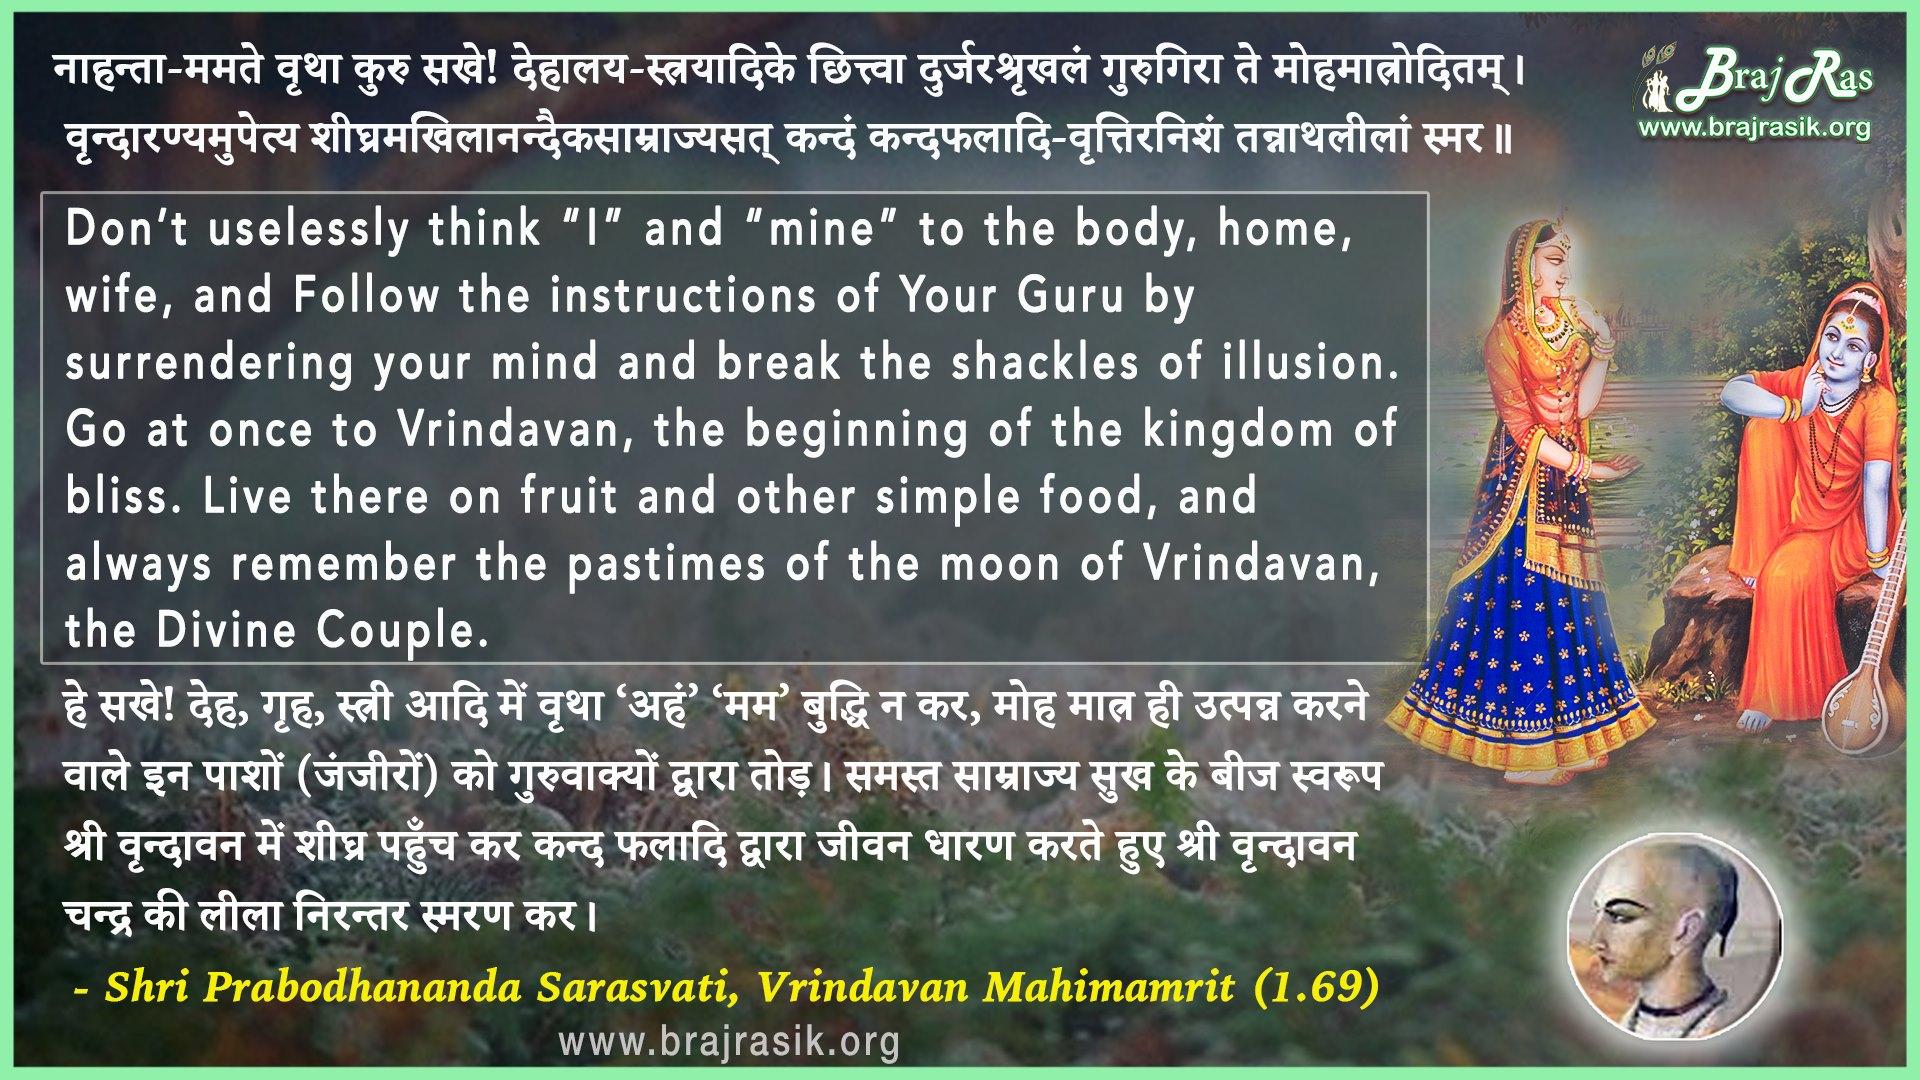 Naahanta-Mamte Vritha Kuru Sakhe - Shri Prabodhananda Sarasvati, Vrindavan Mahimamrit (1.69)